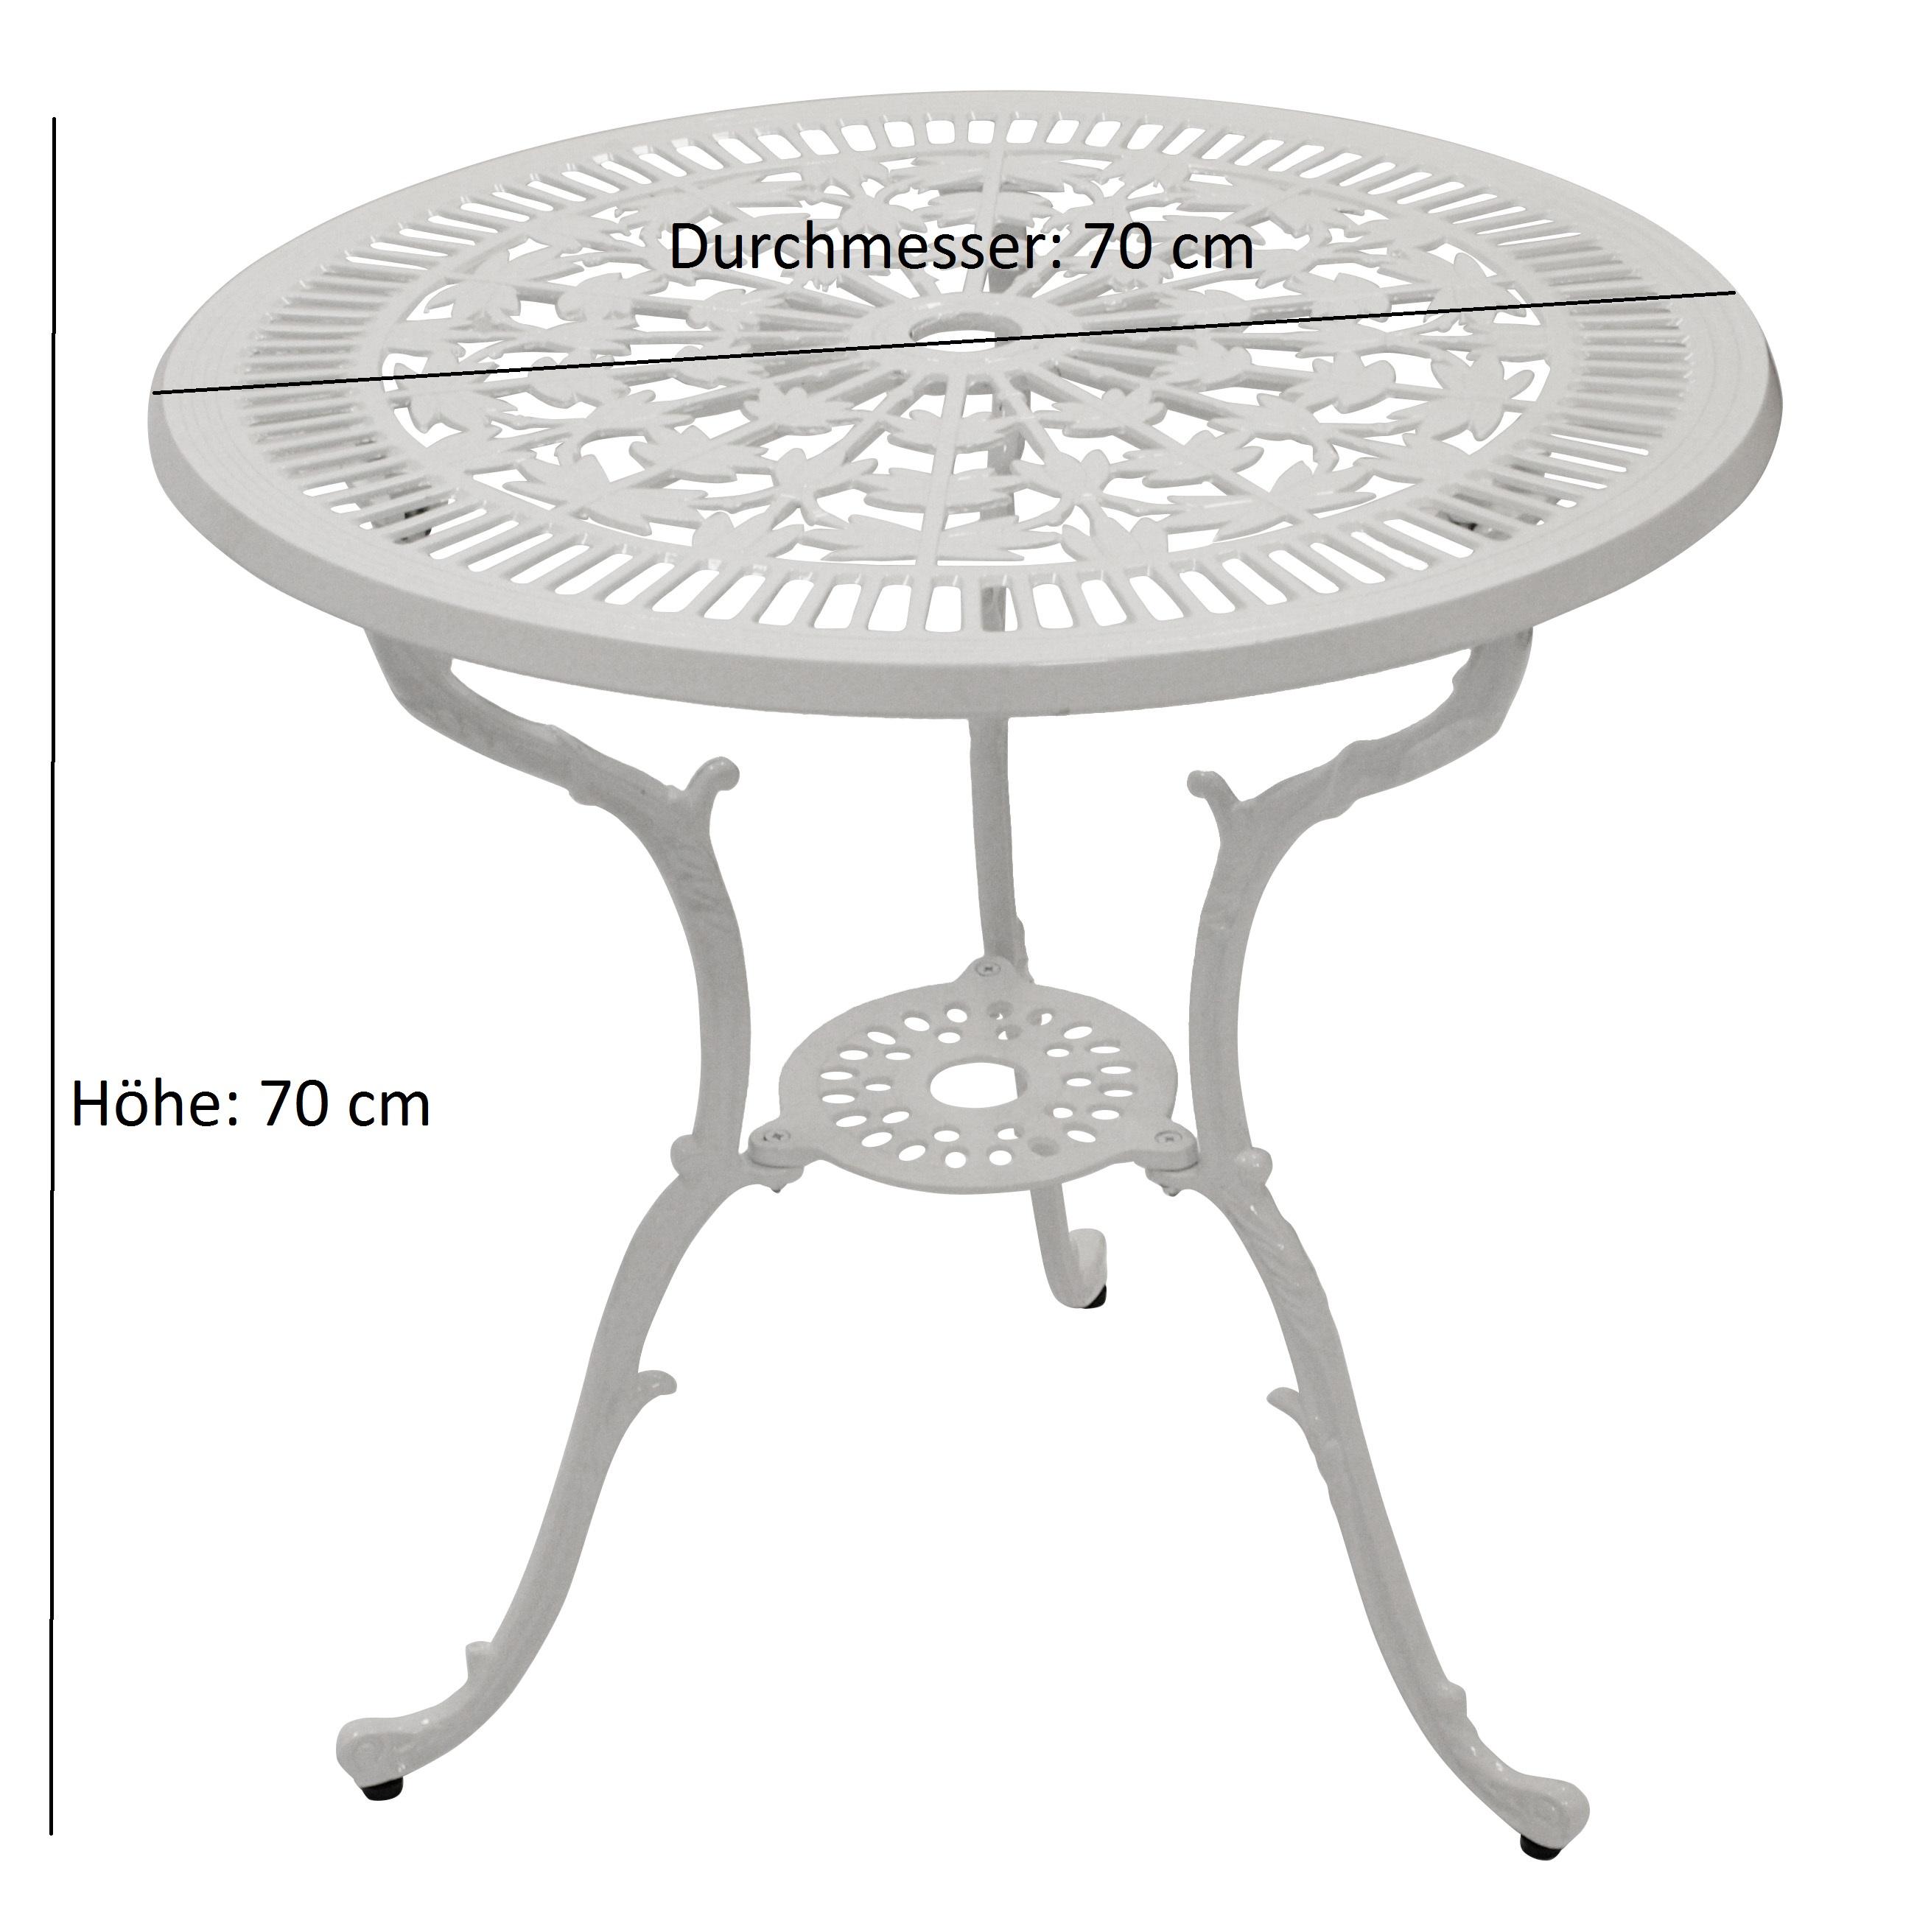 Tisch Jugendstil 70cm rund, Aluguss weiss